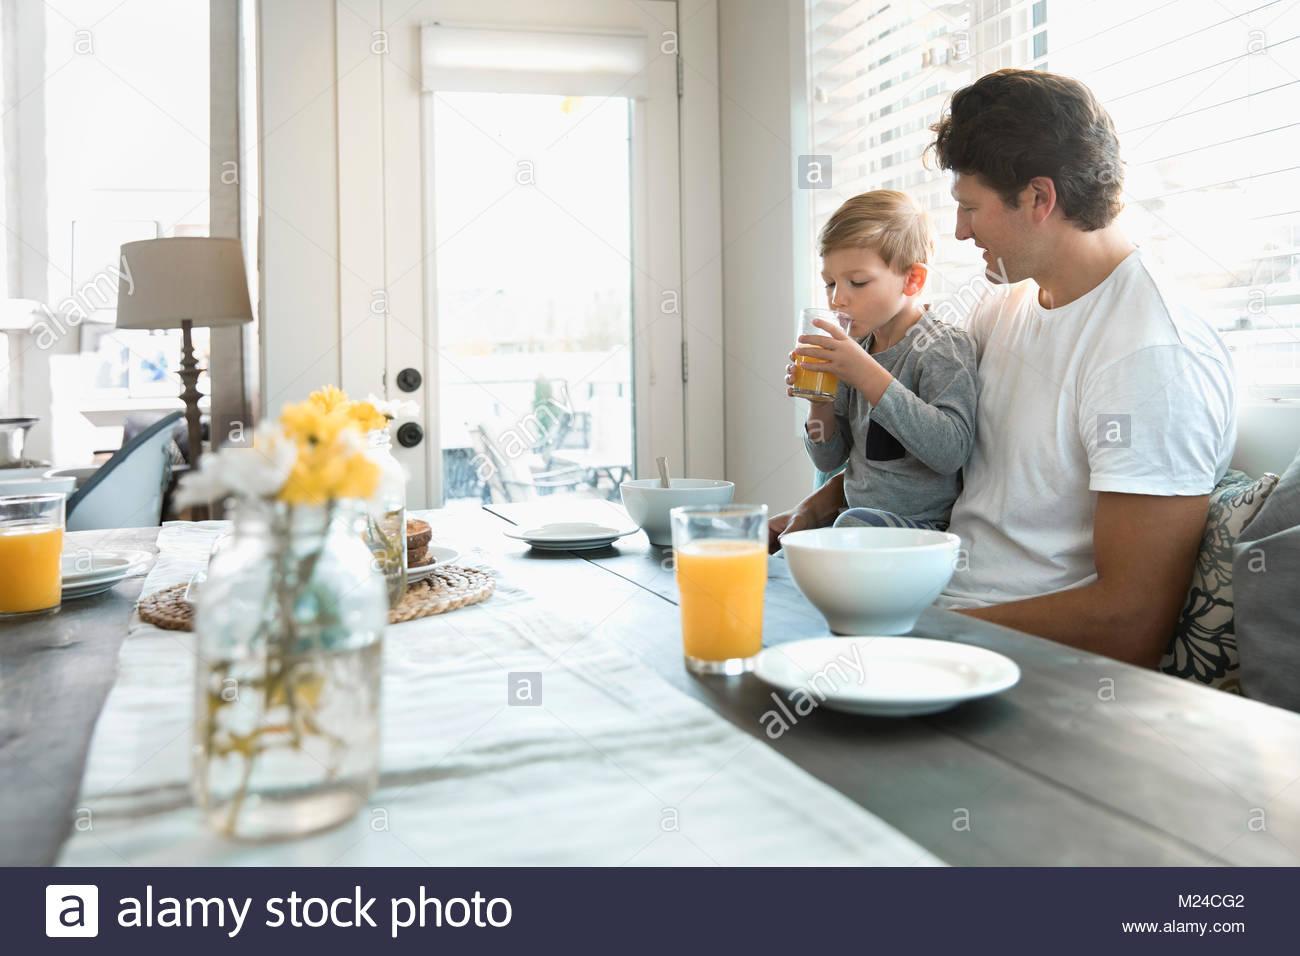 Celebración padre hijo tomar jugo de naranja en el rincón desayunador Imagen De Stock